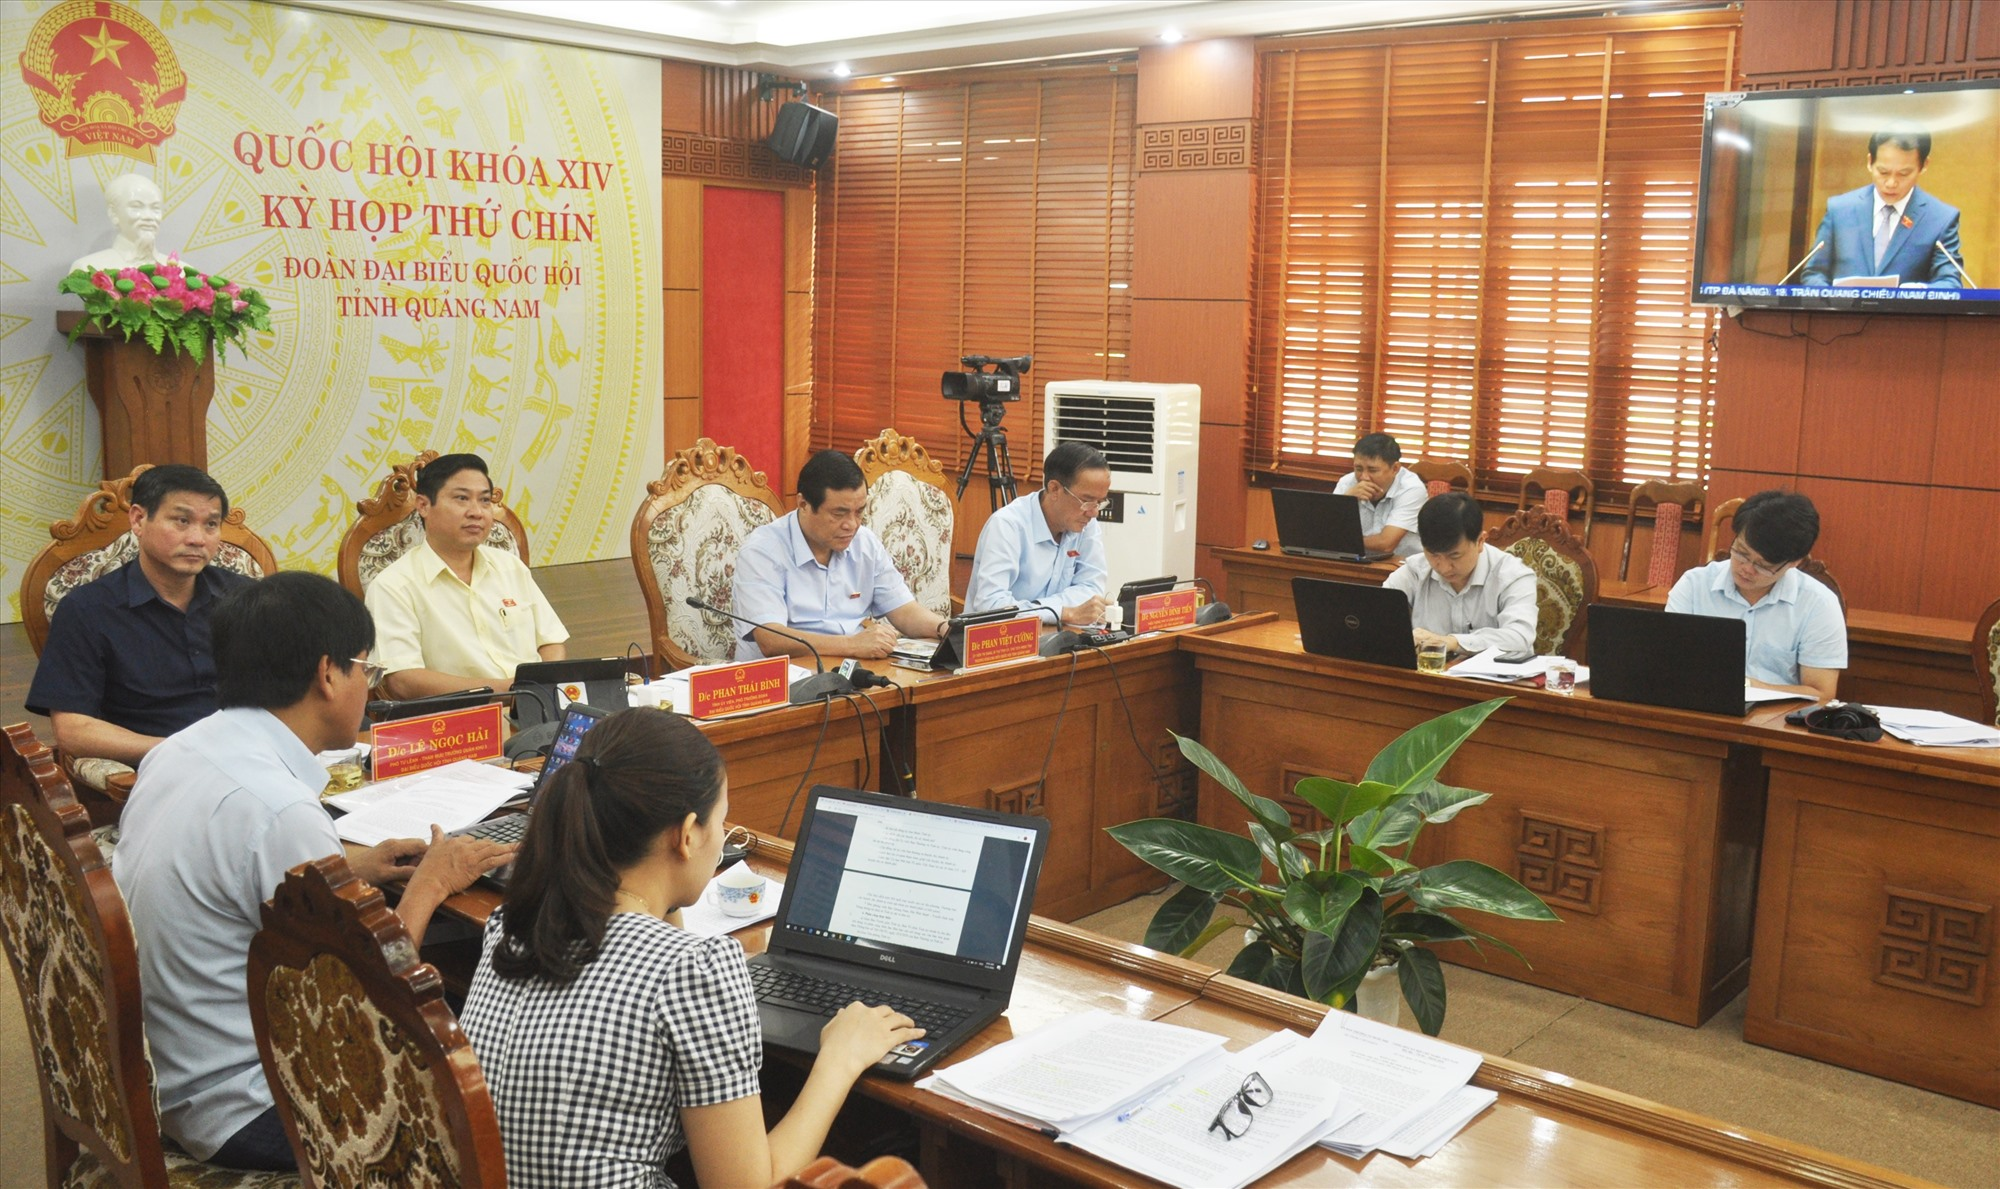 Các đại biểu Quốc hội tỉnh dự phiên họp sáng nay 23.5 tại điểm cầu Quảng Nam. Ảnh: N.Đ